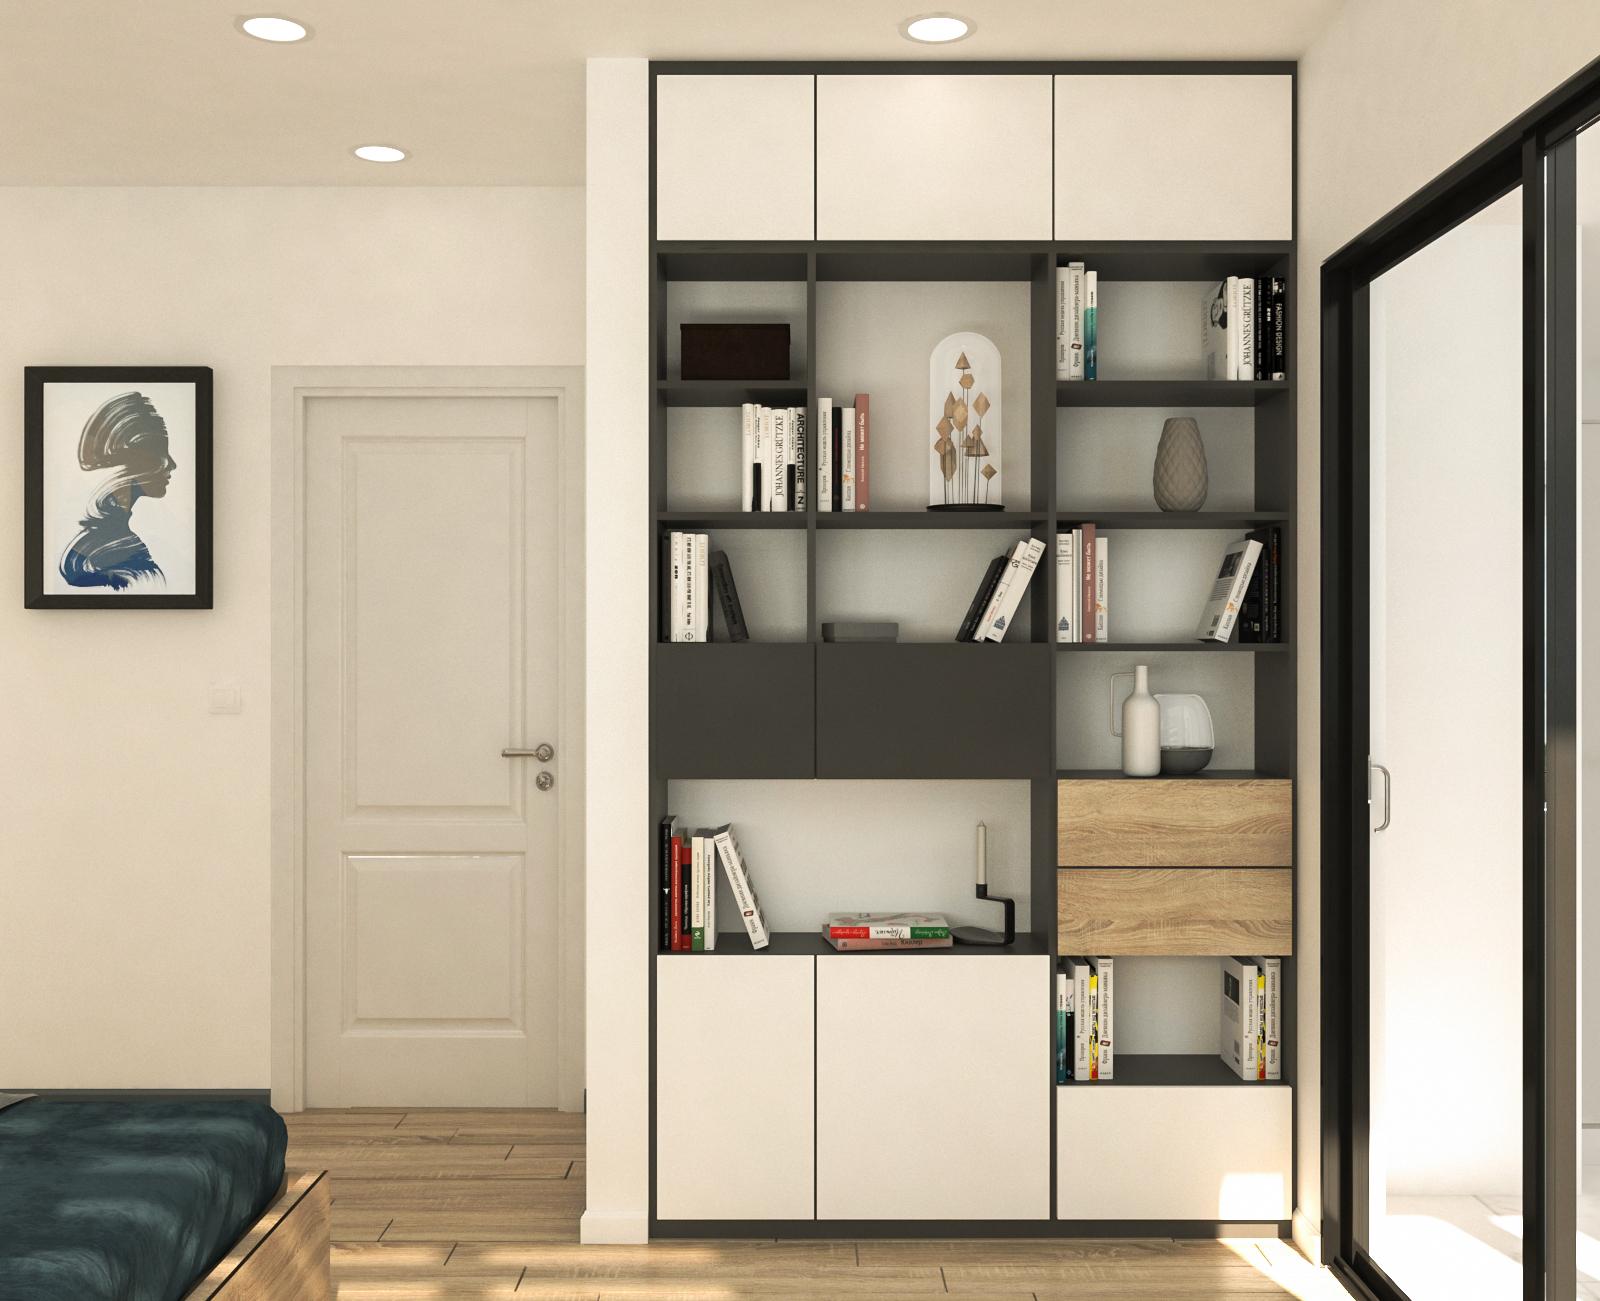 Tư vấn thiết kế cải tạo căn hộ chung cư diện tích 79m² với tổng chi phí 140 triệu đồng - Ảnh 9.